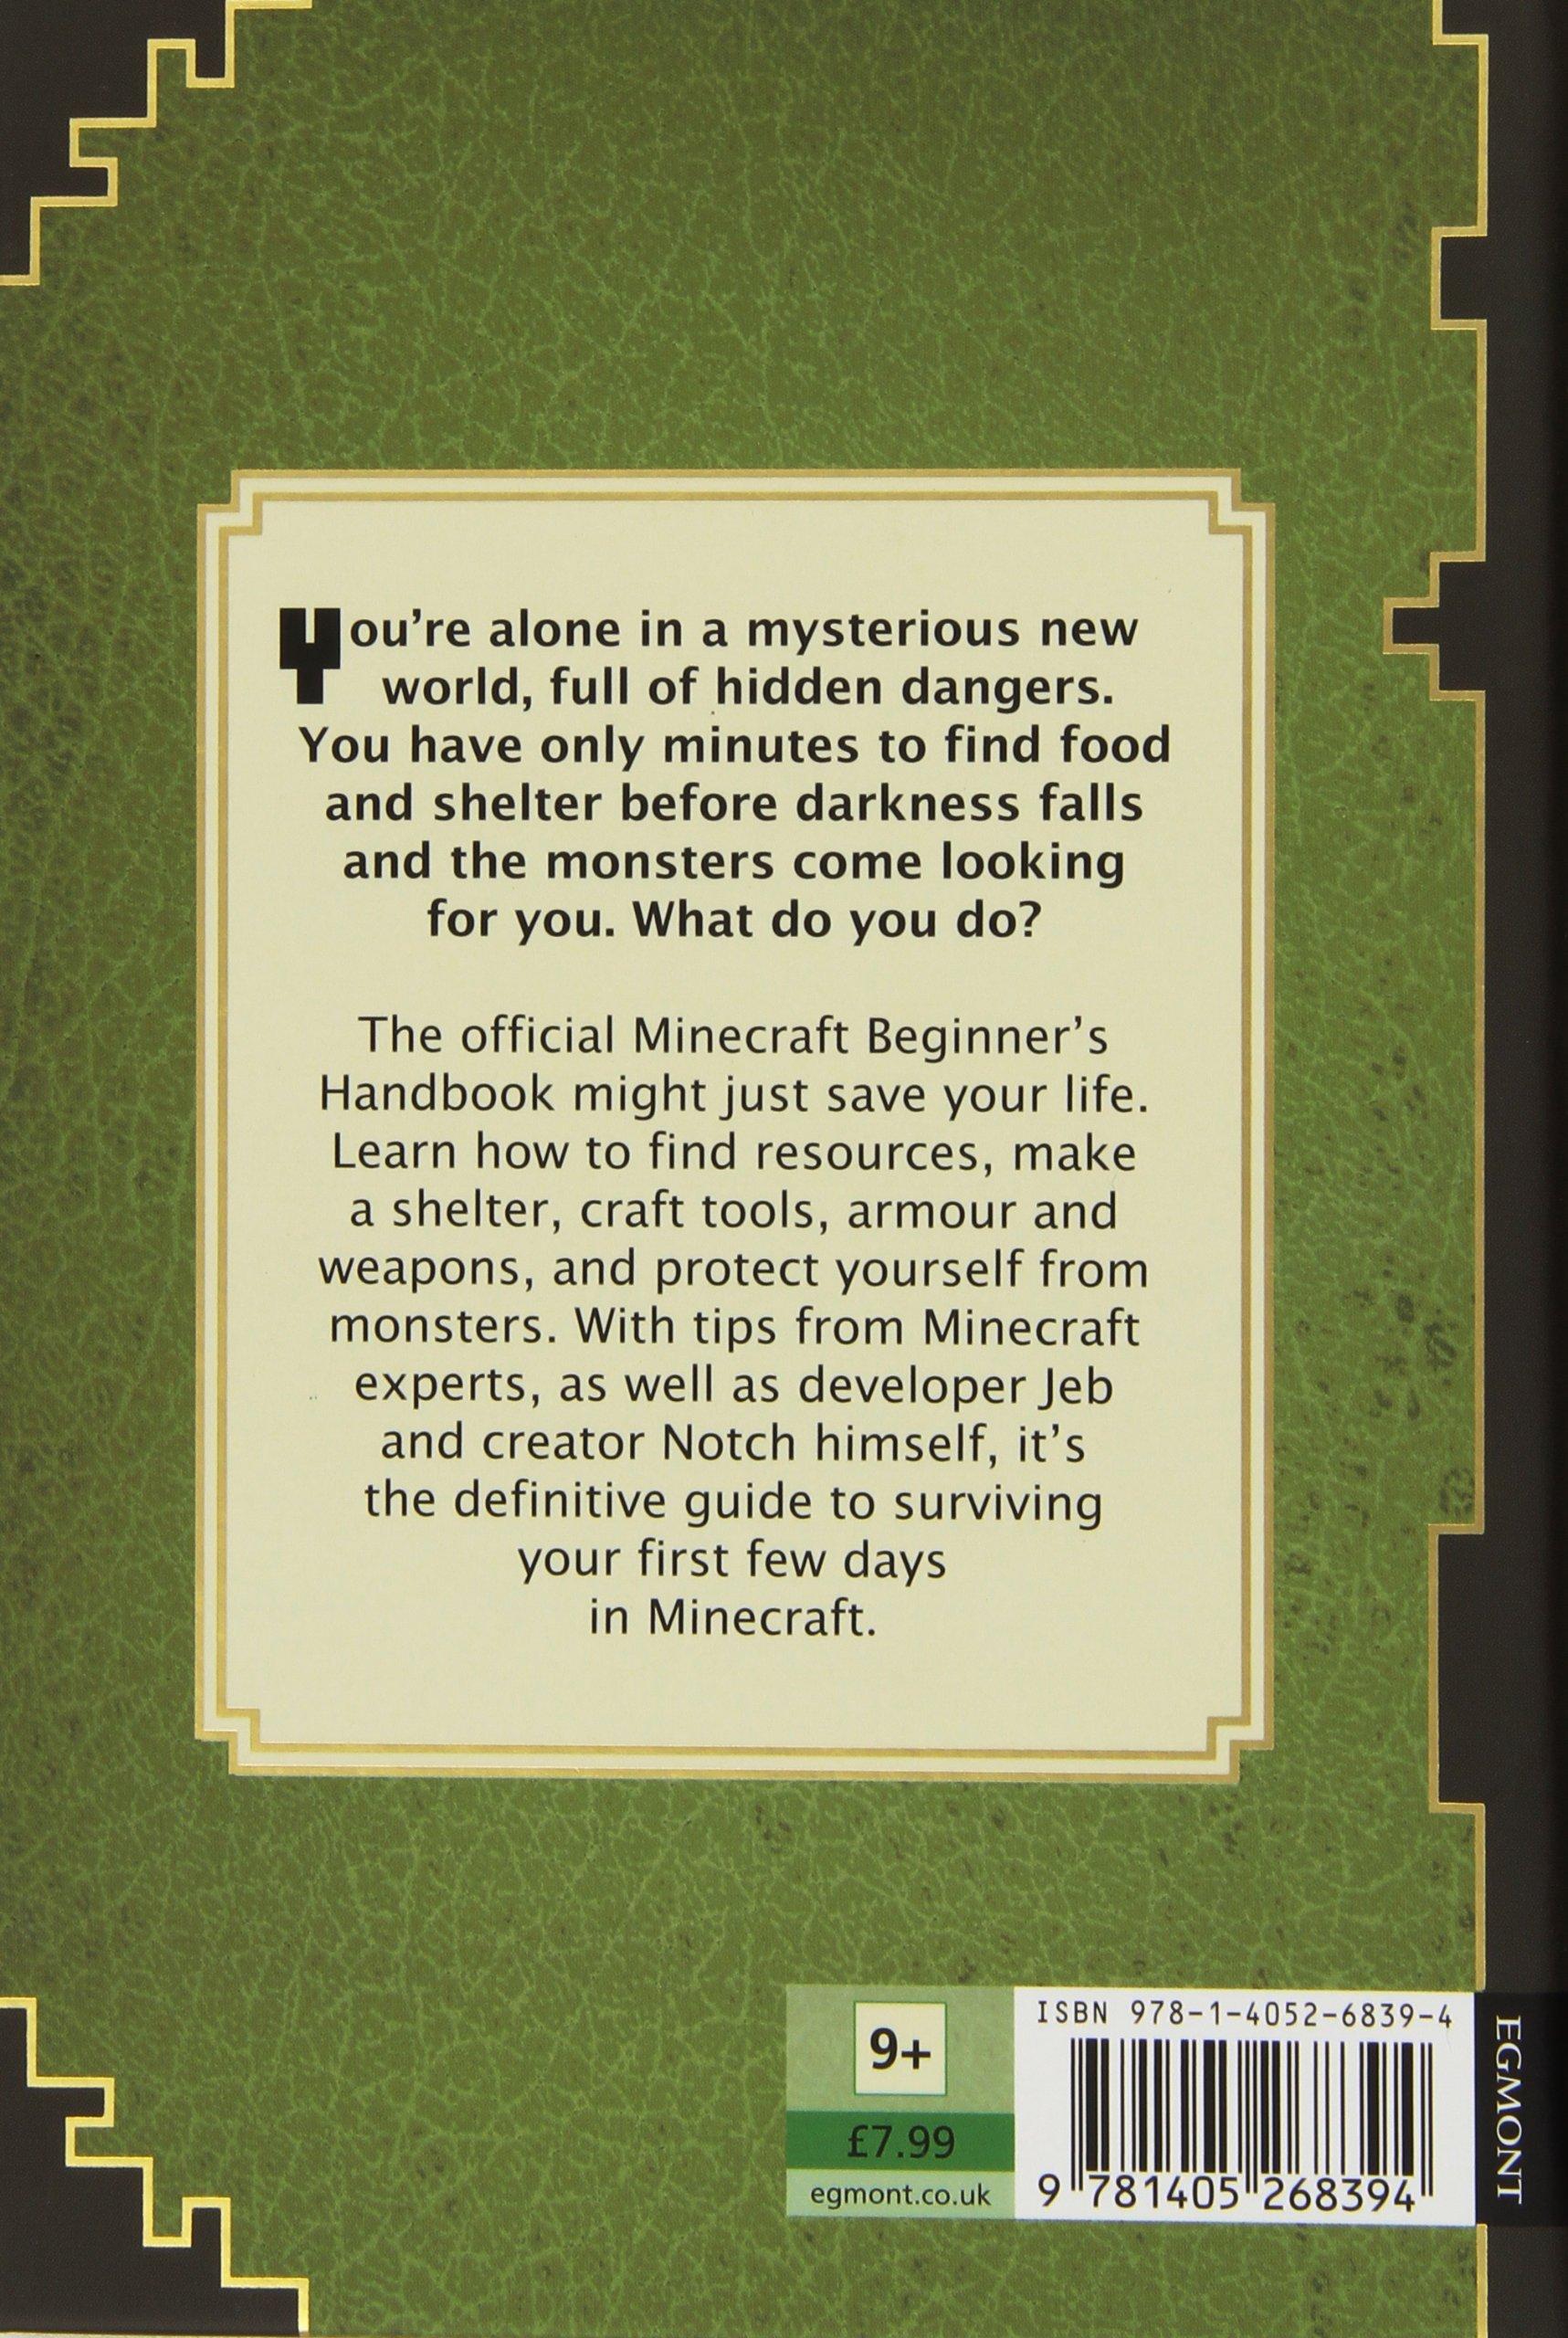 Beginners Handbook Minecraft Amazonde Fremdsprachige Bücher